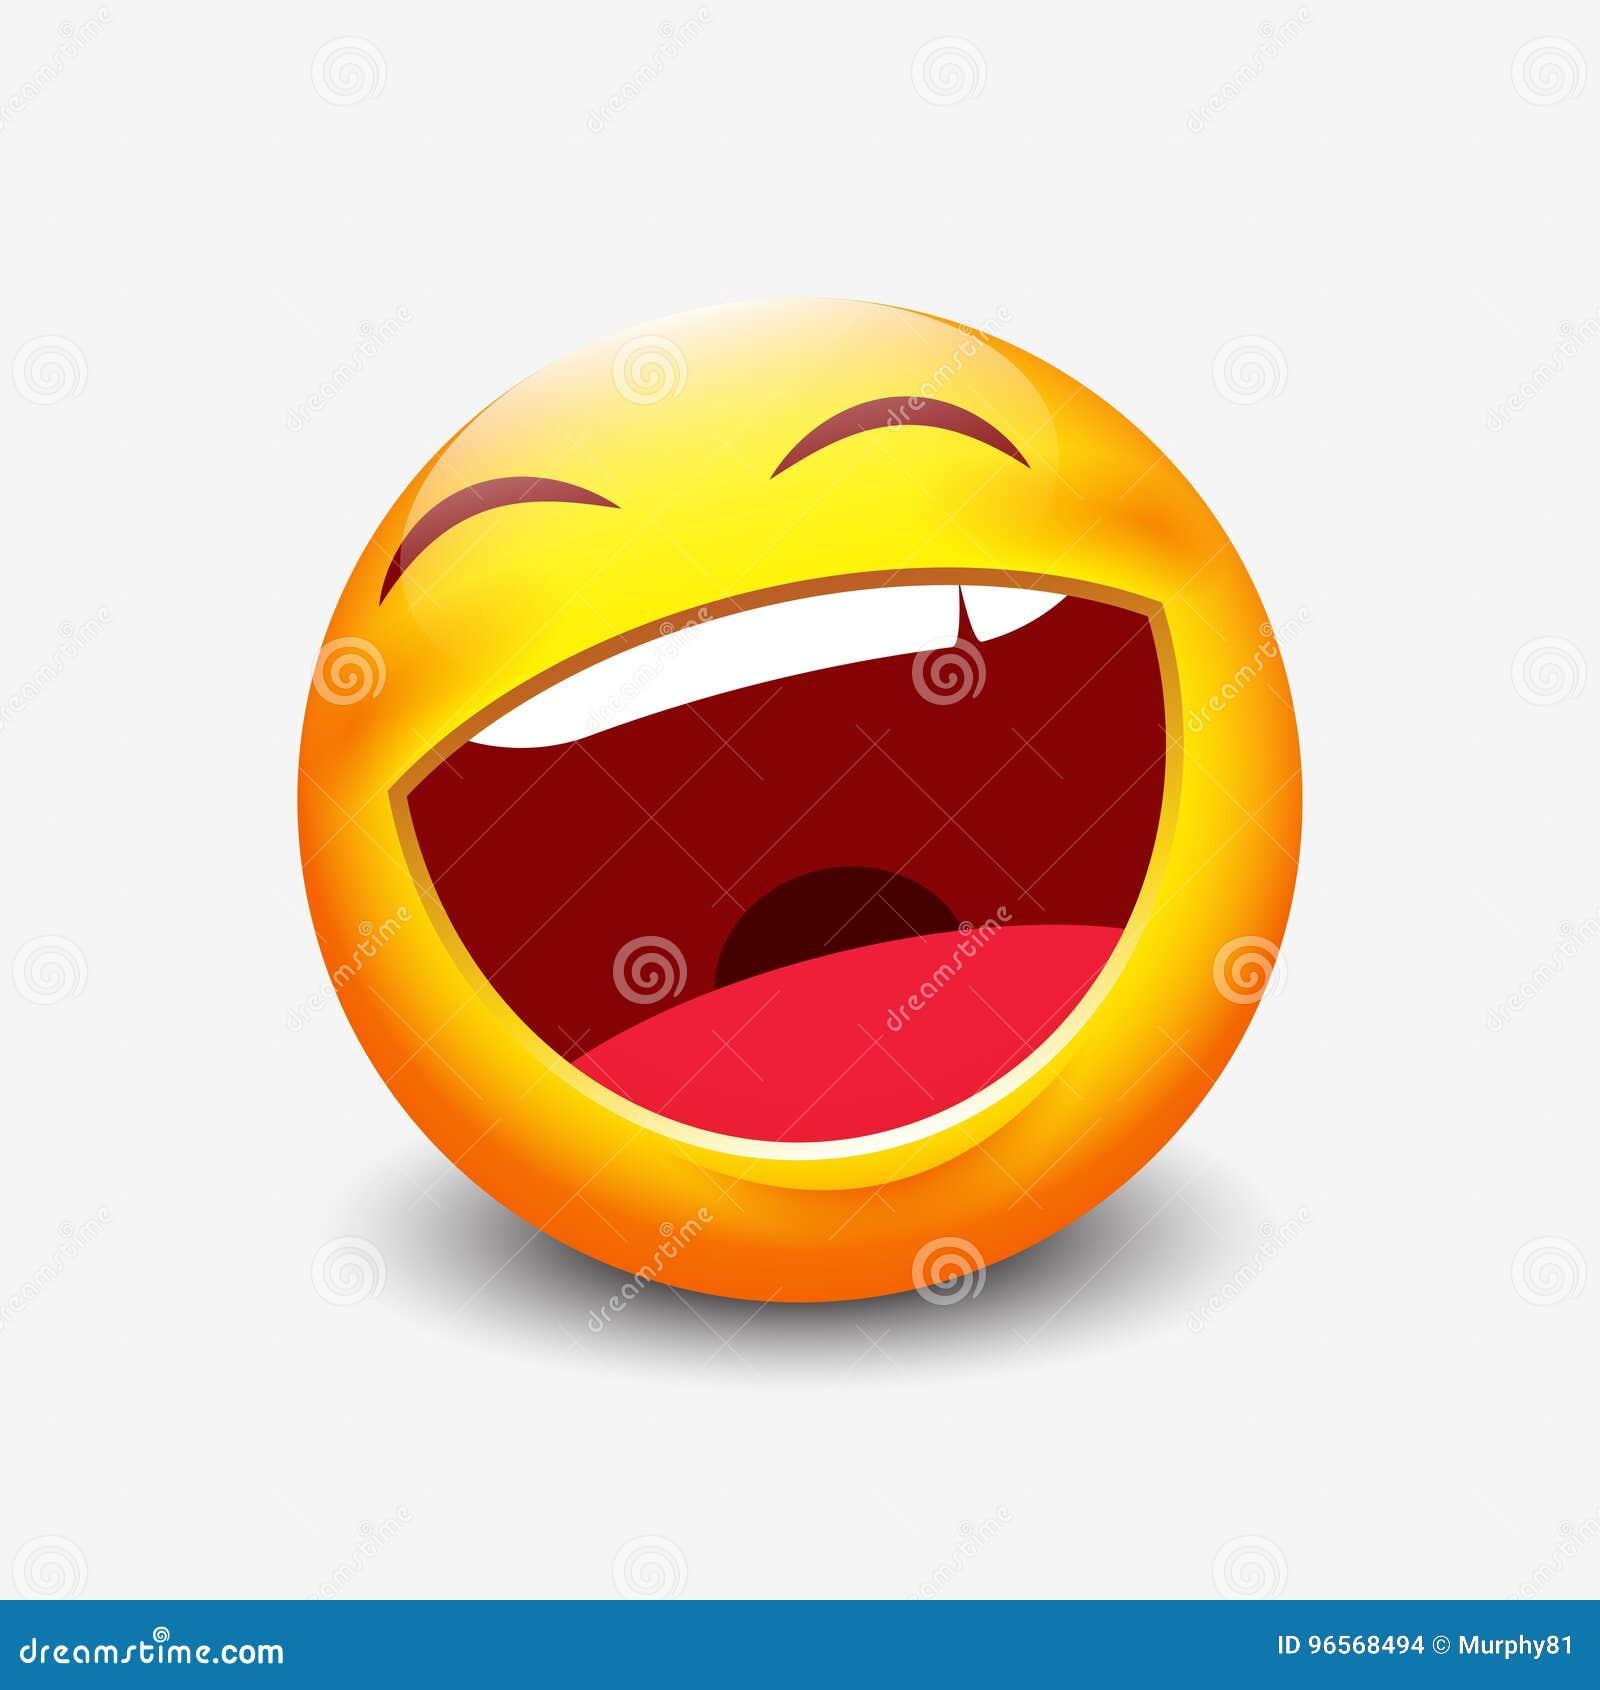 Lachender Emoticon Vektorillustration Vektor Abbildung